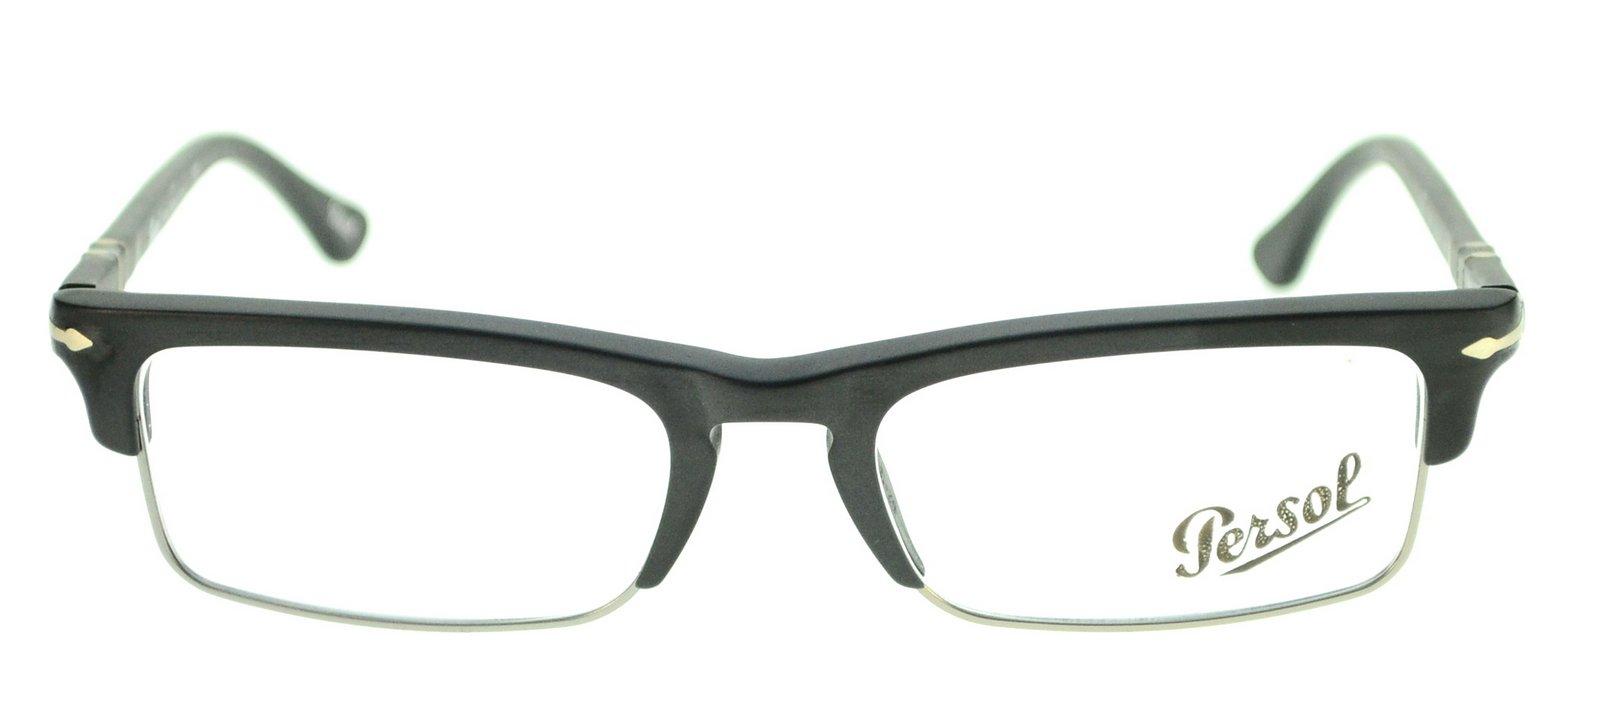 Persol Eyeglasses Lenscrafters | Louisiana Bucket Brigade